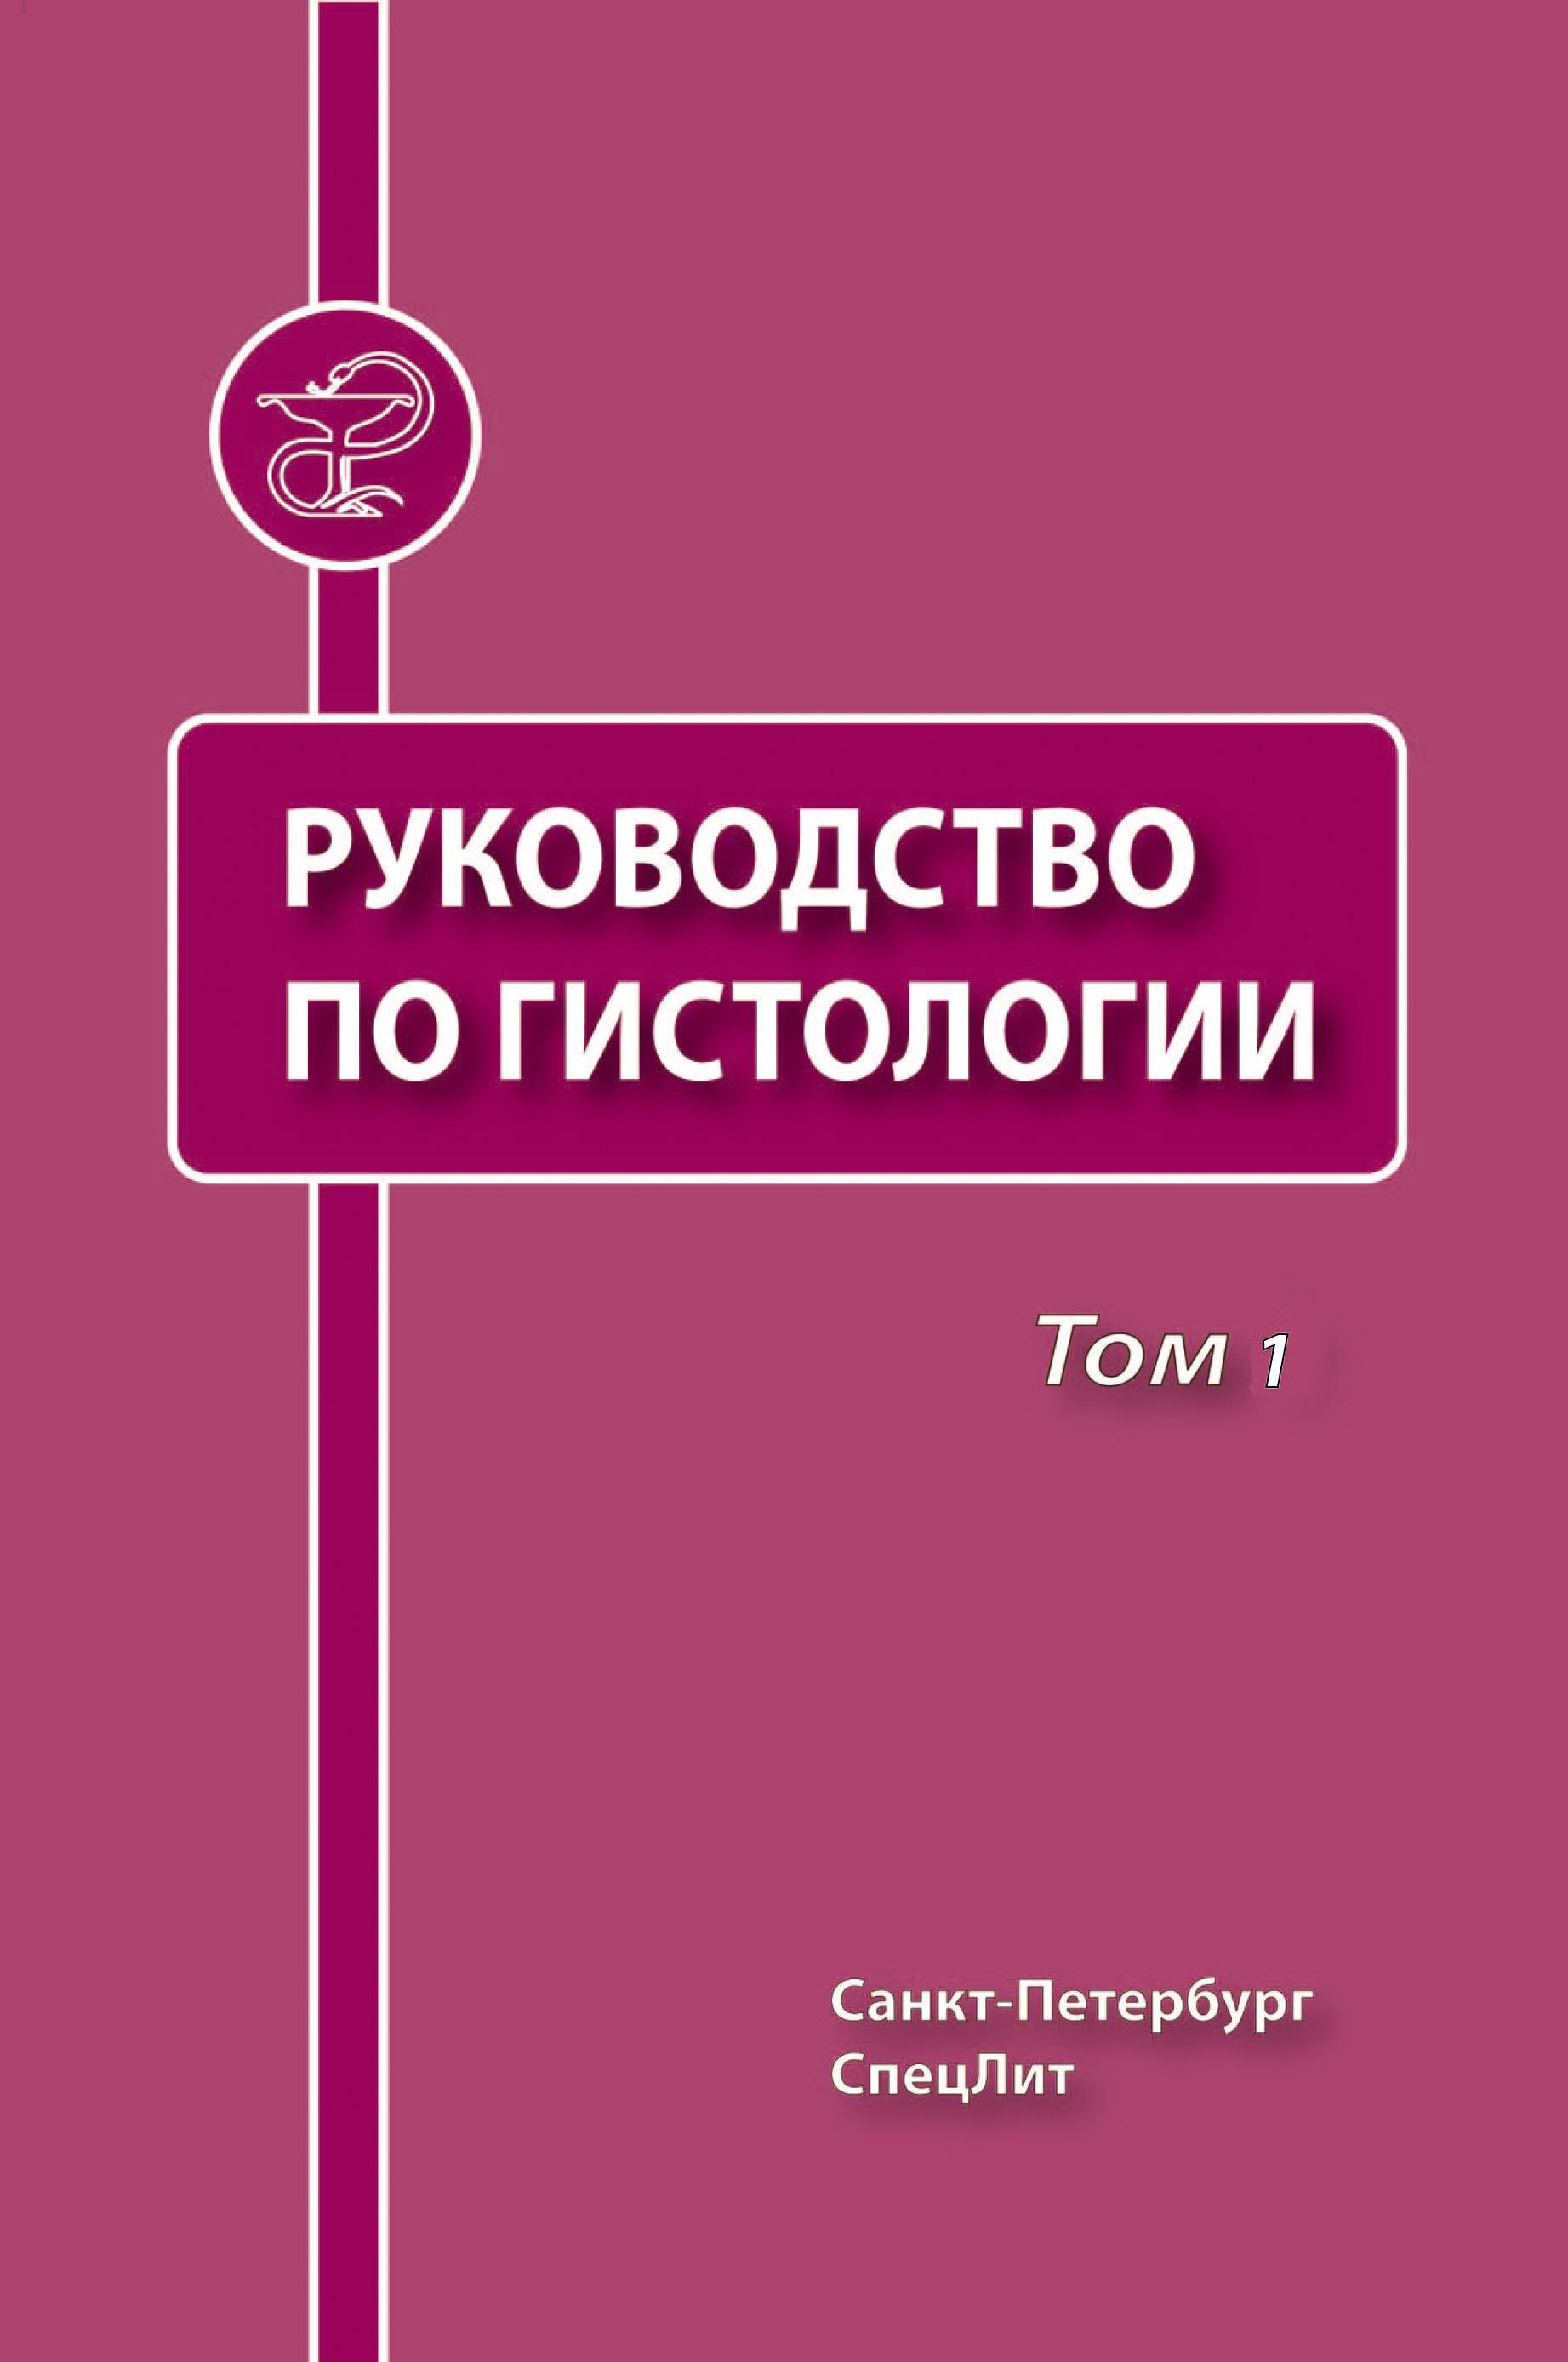 Коллектив авторов Руководство по гистологии. Том 1